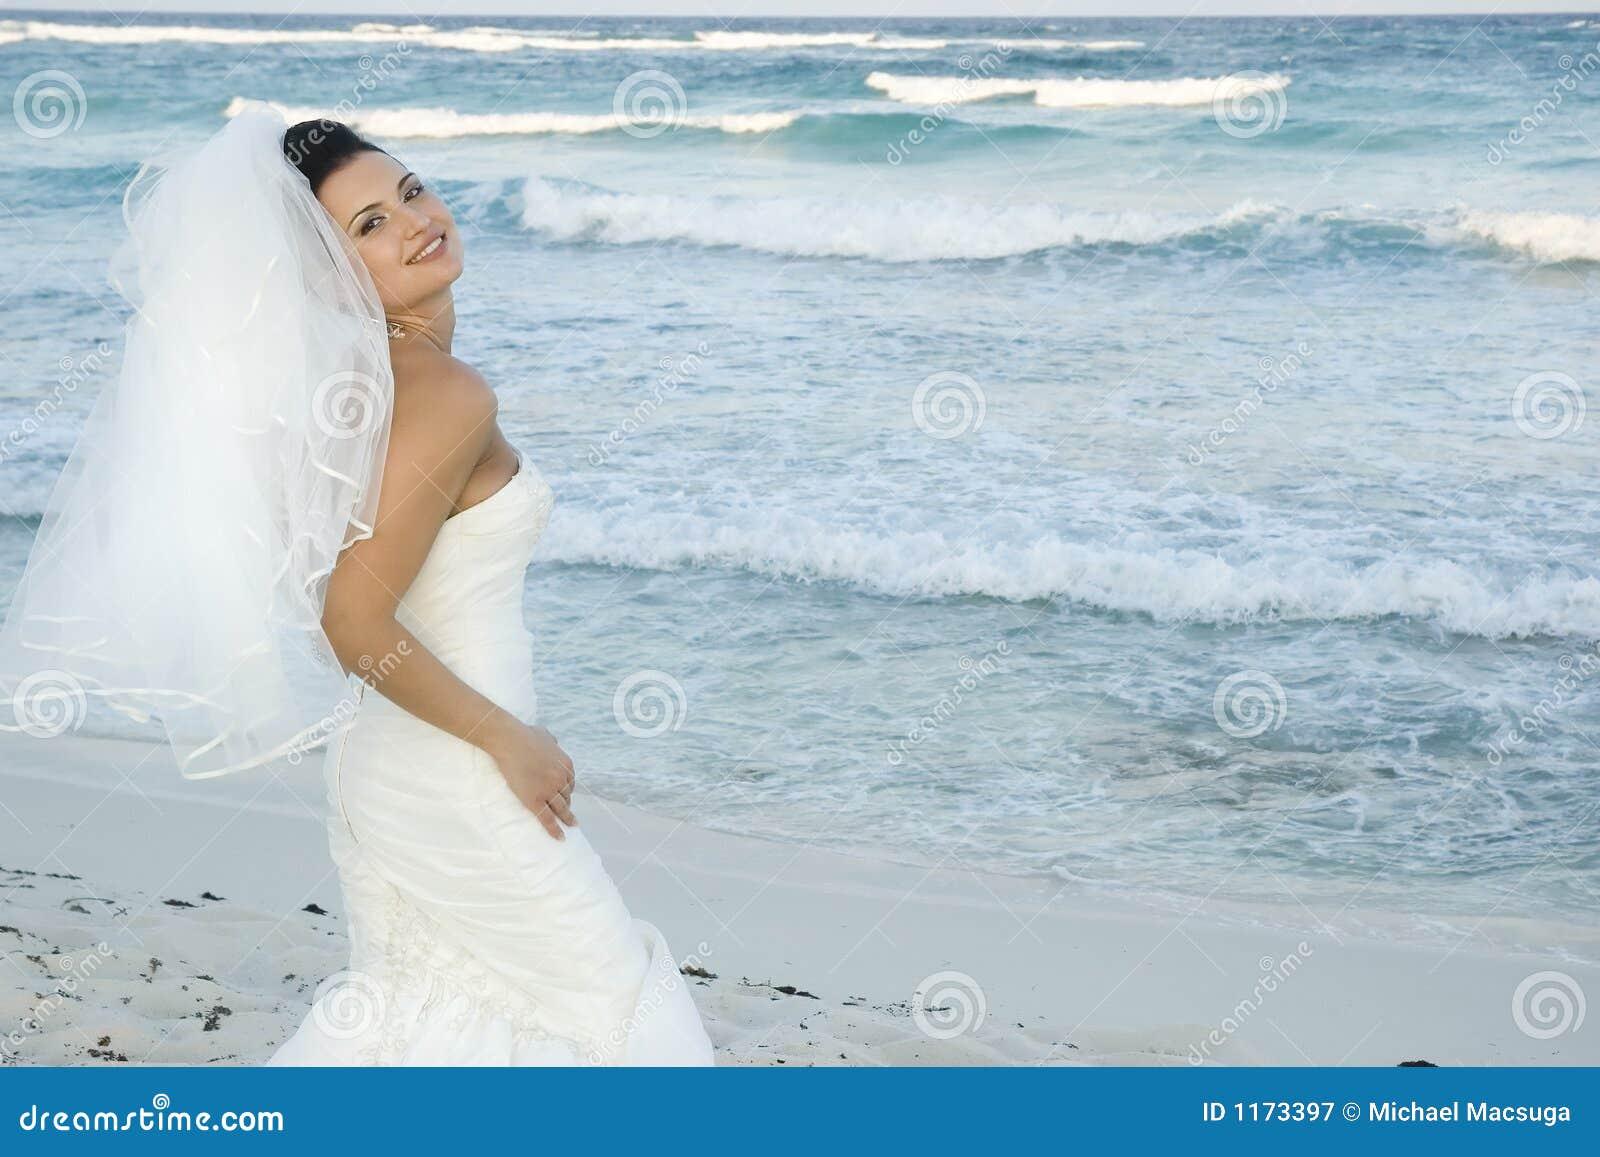 Karibische Strand-Hochzeit - Braut-Aufstellung